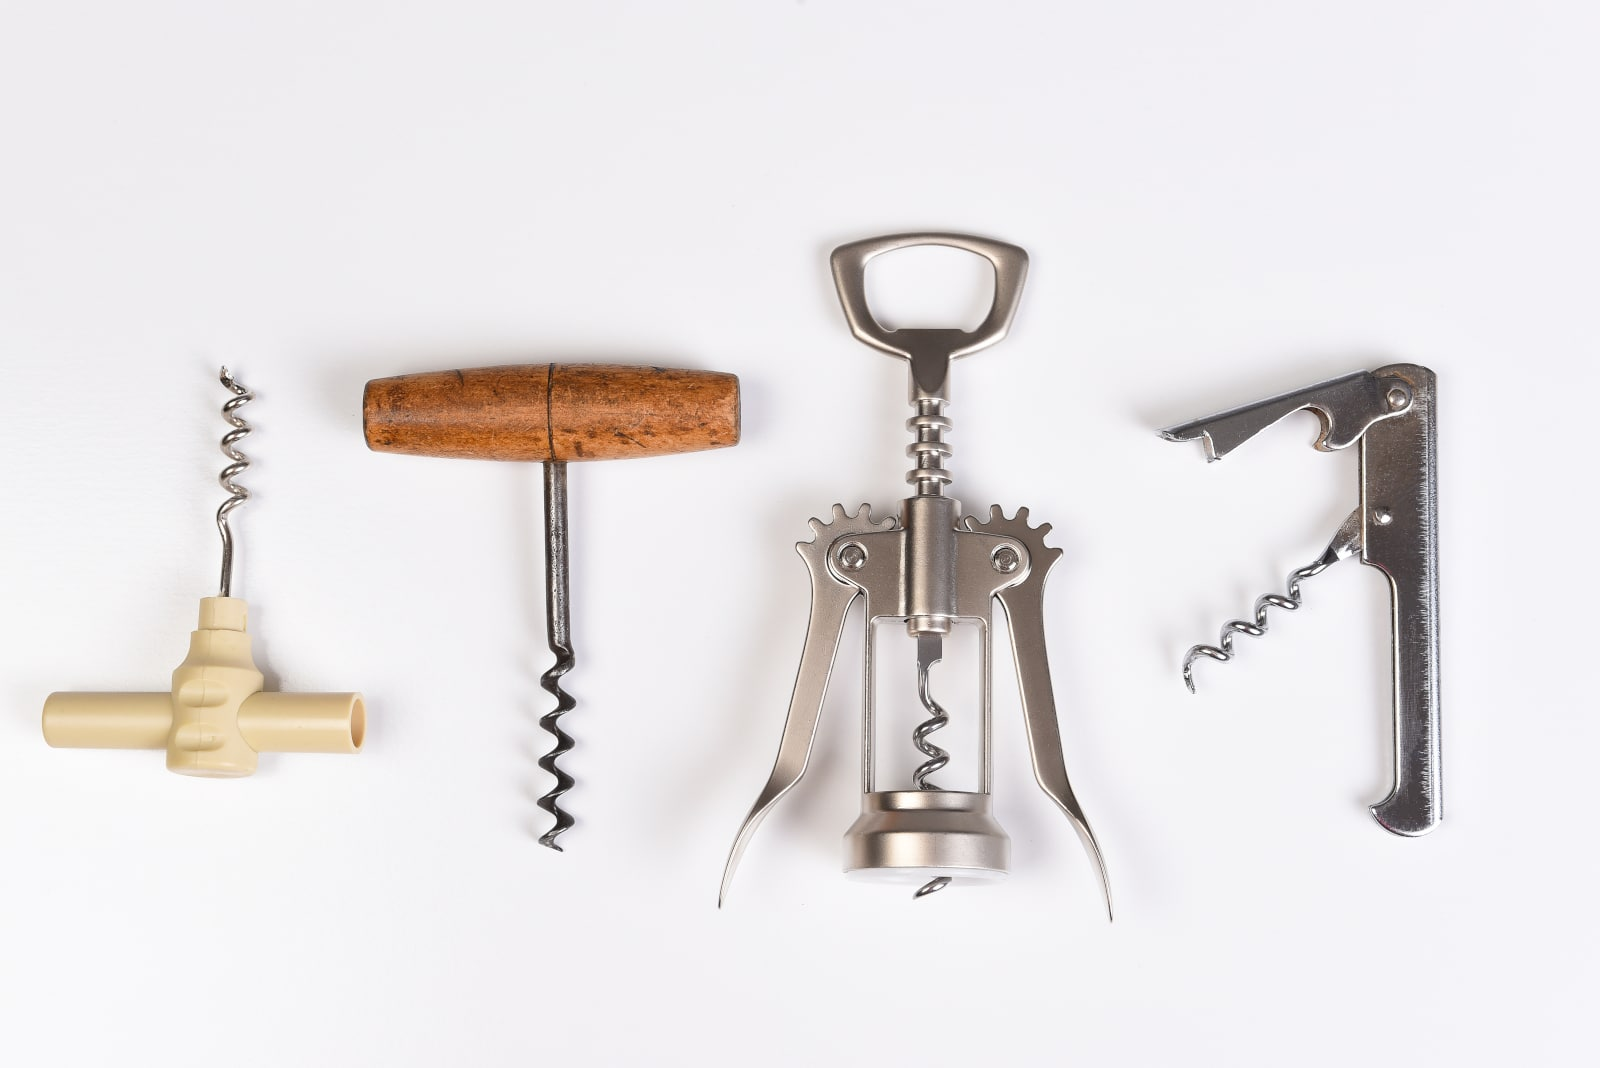 Most Common Corkscrews